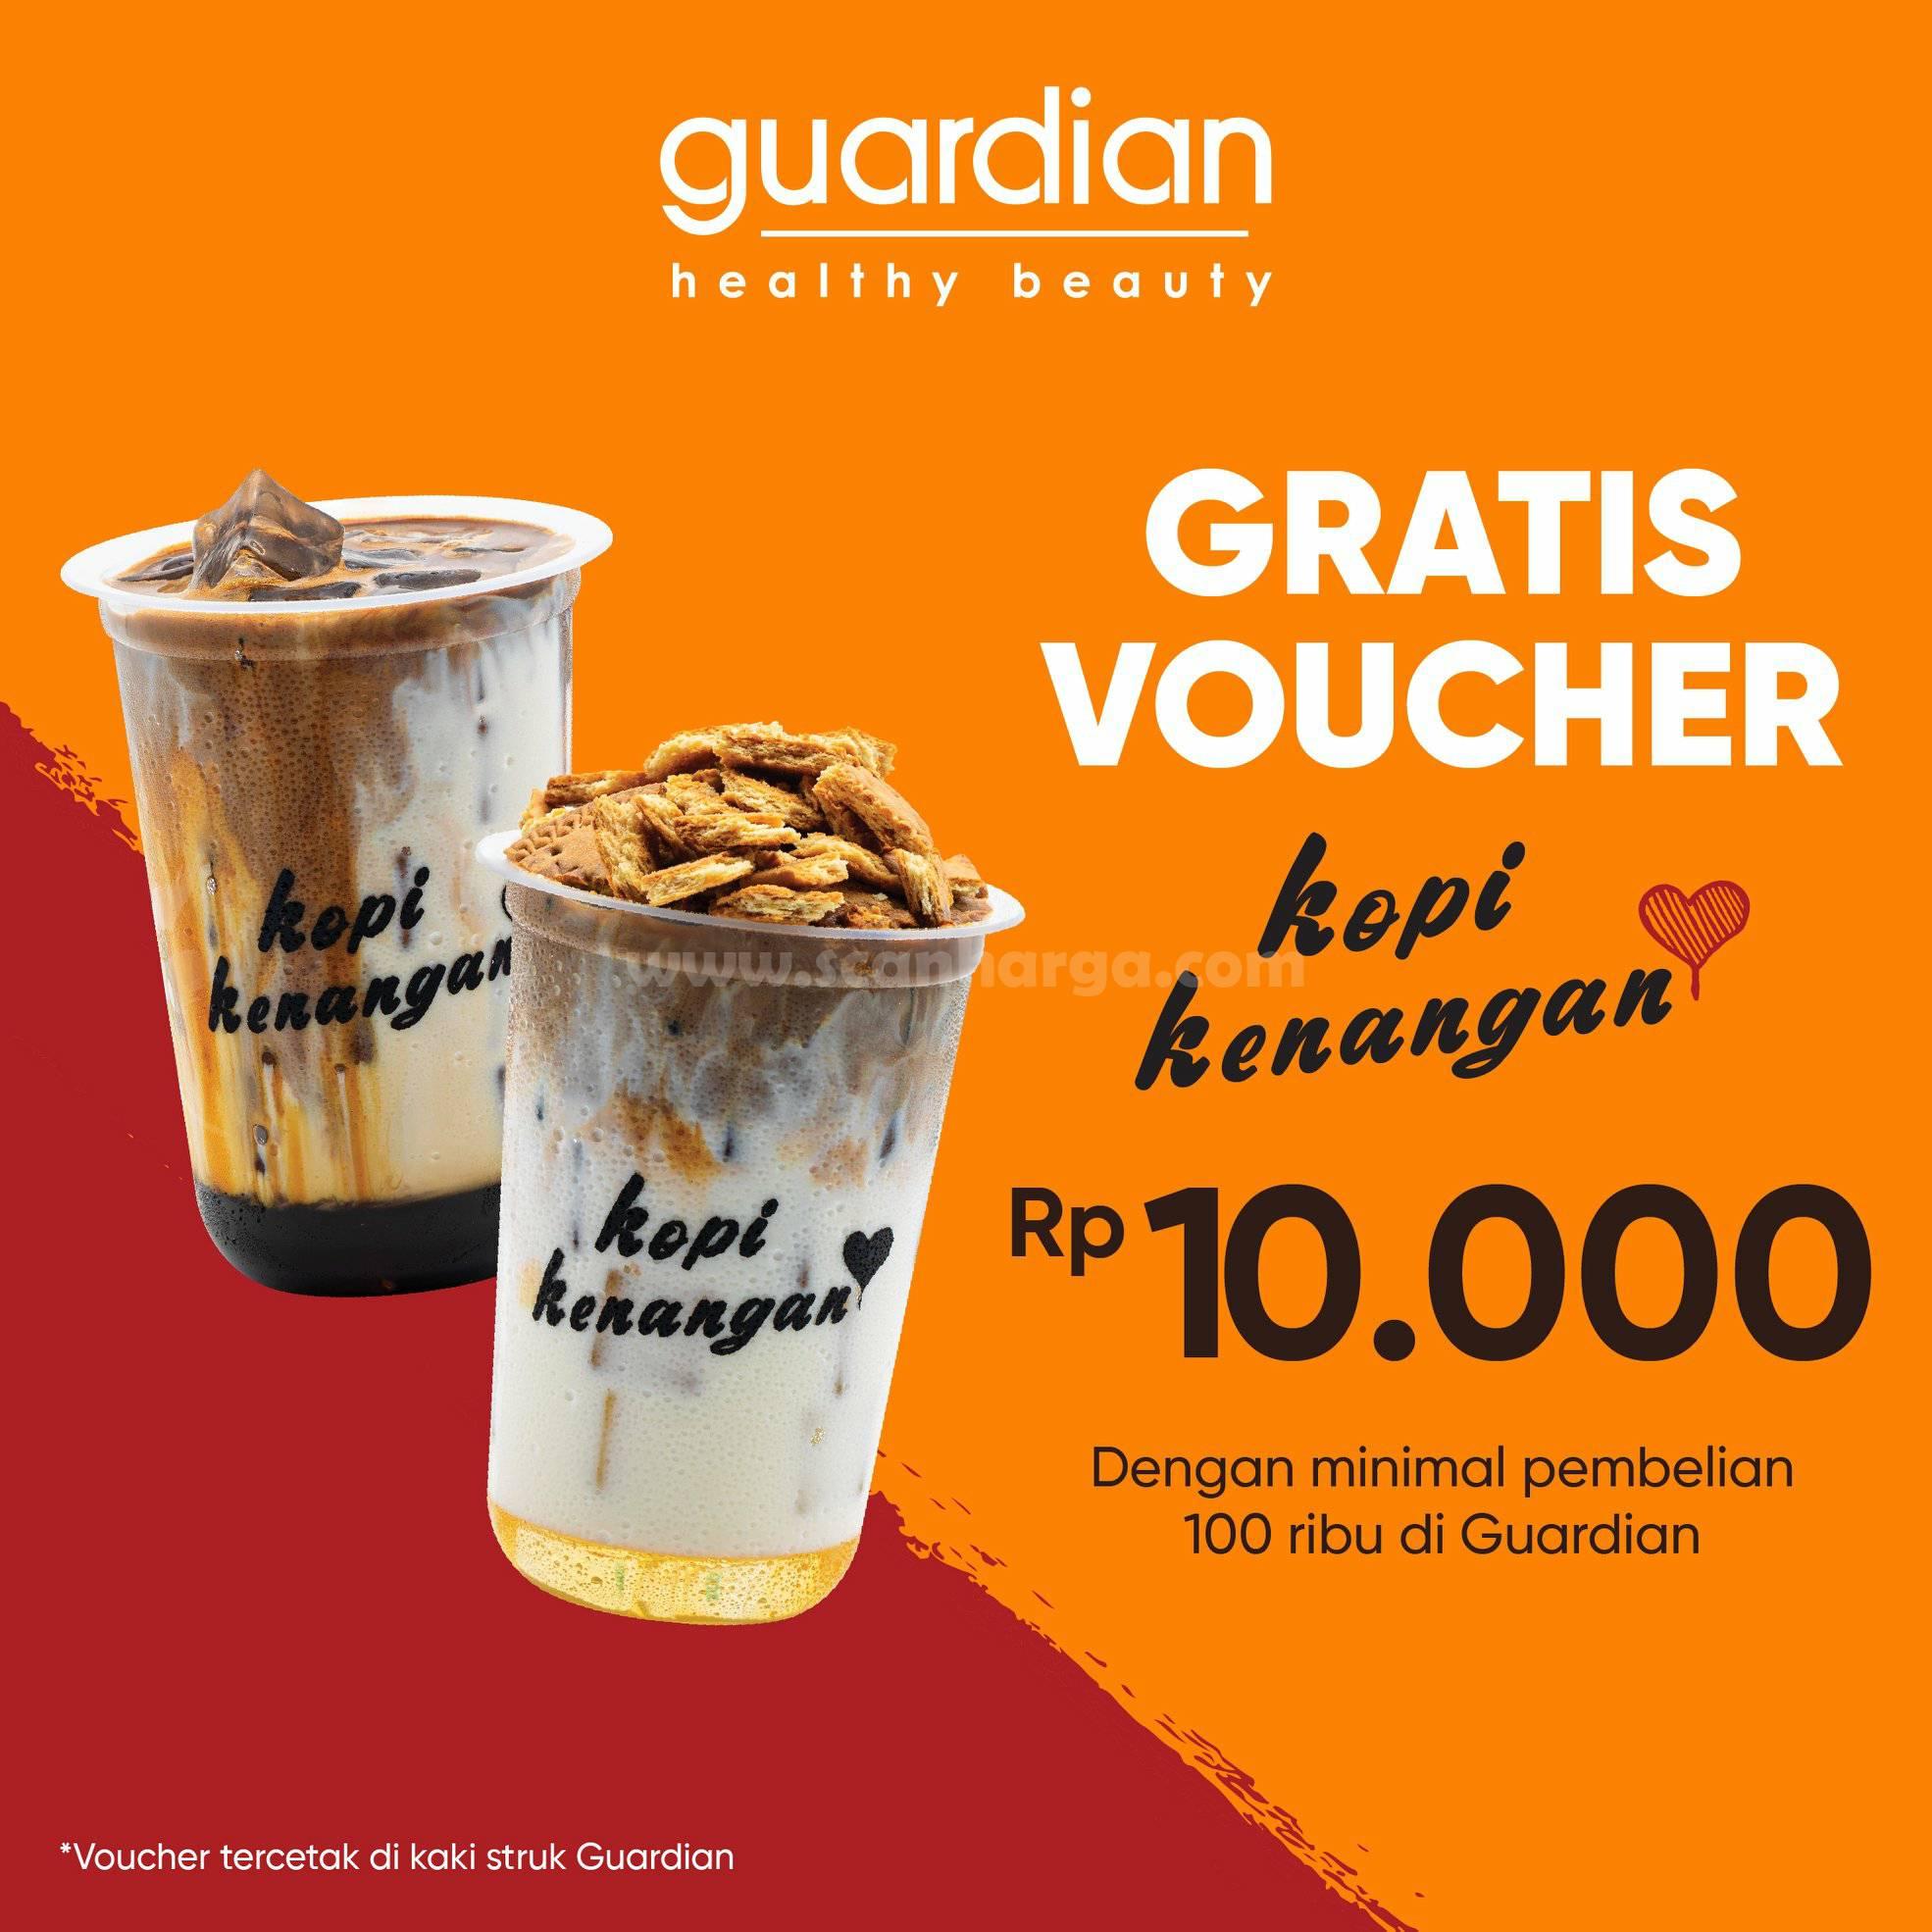 Guardian Promo Gratis Voucher Kopi Kenangan Rp 10.000